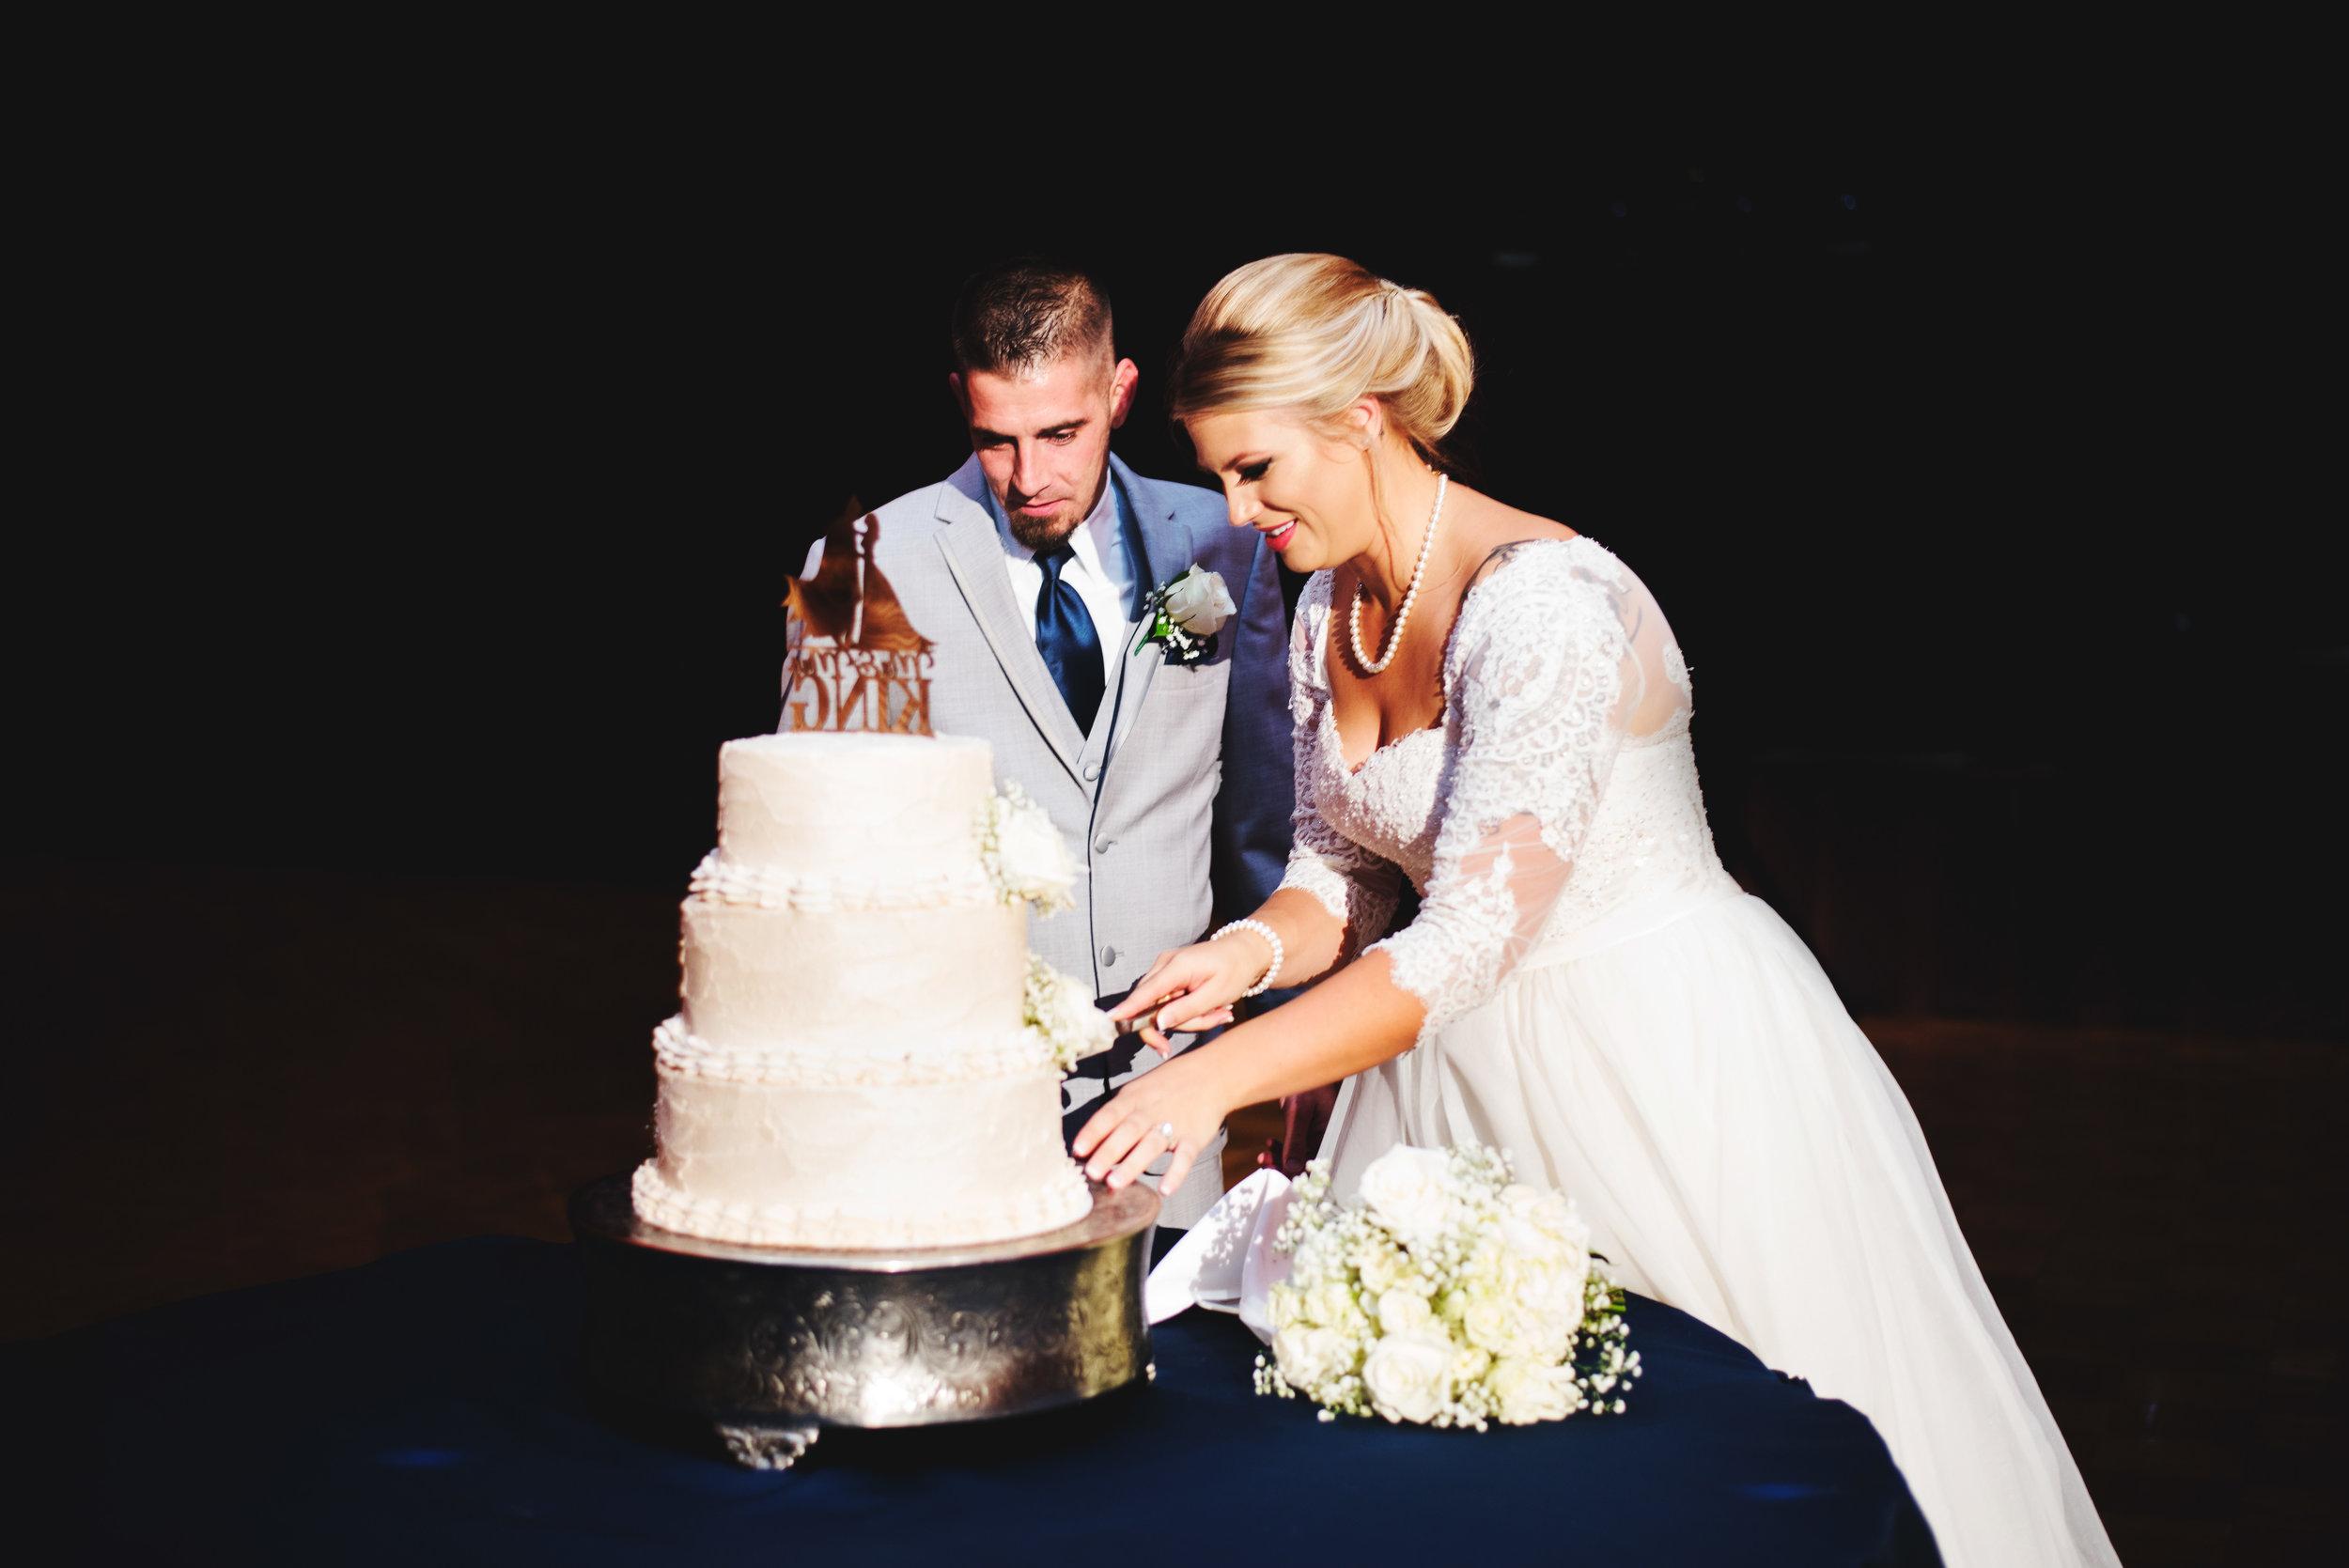 King-Northern-Illinois-University-Wedding101.jpg